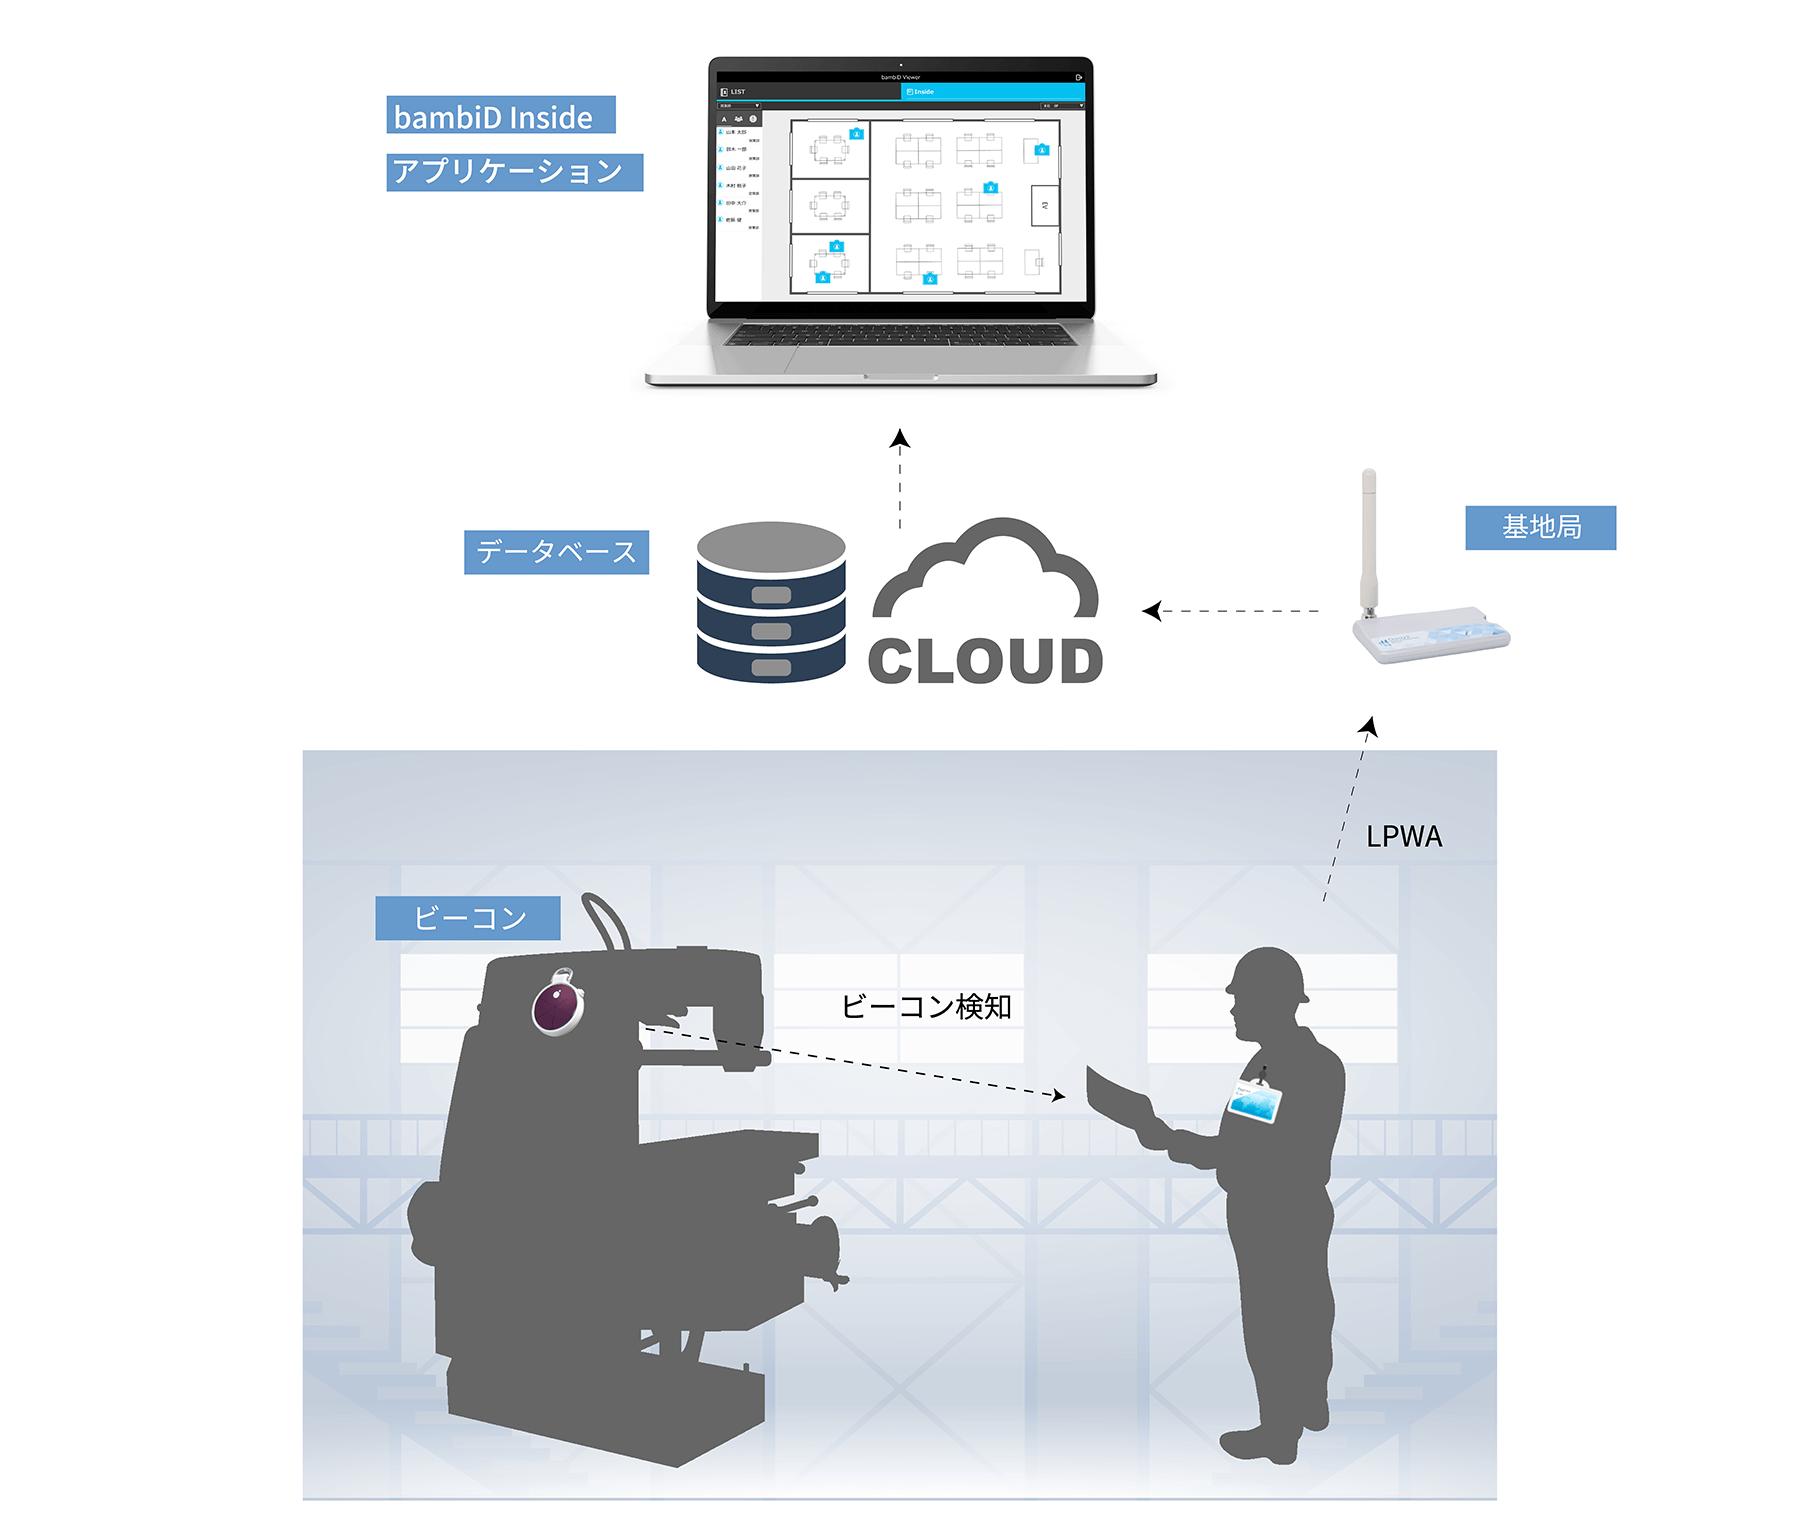 ビジネス 工場 屋内 稼働率 位置情報 IoT活用のイメージ画像